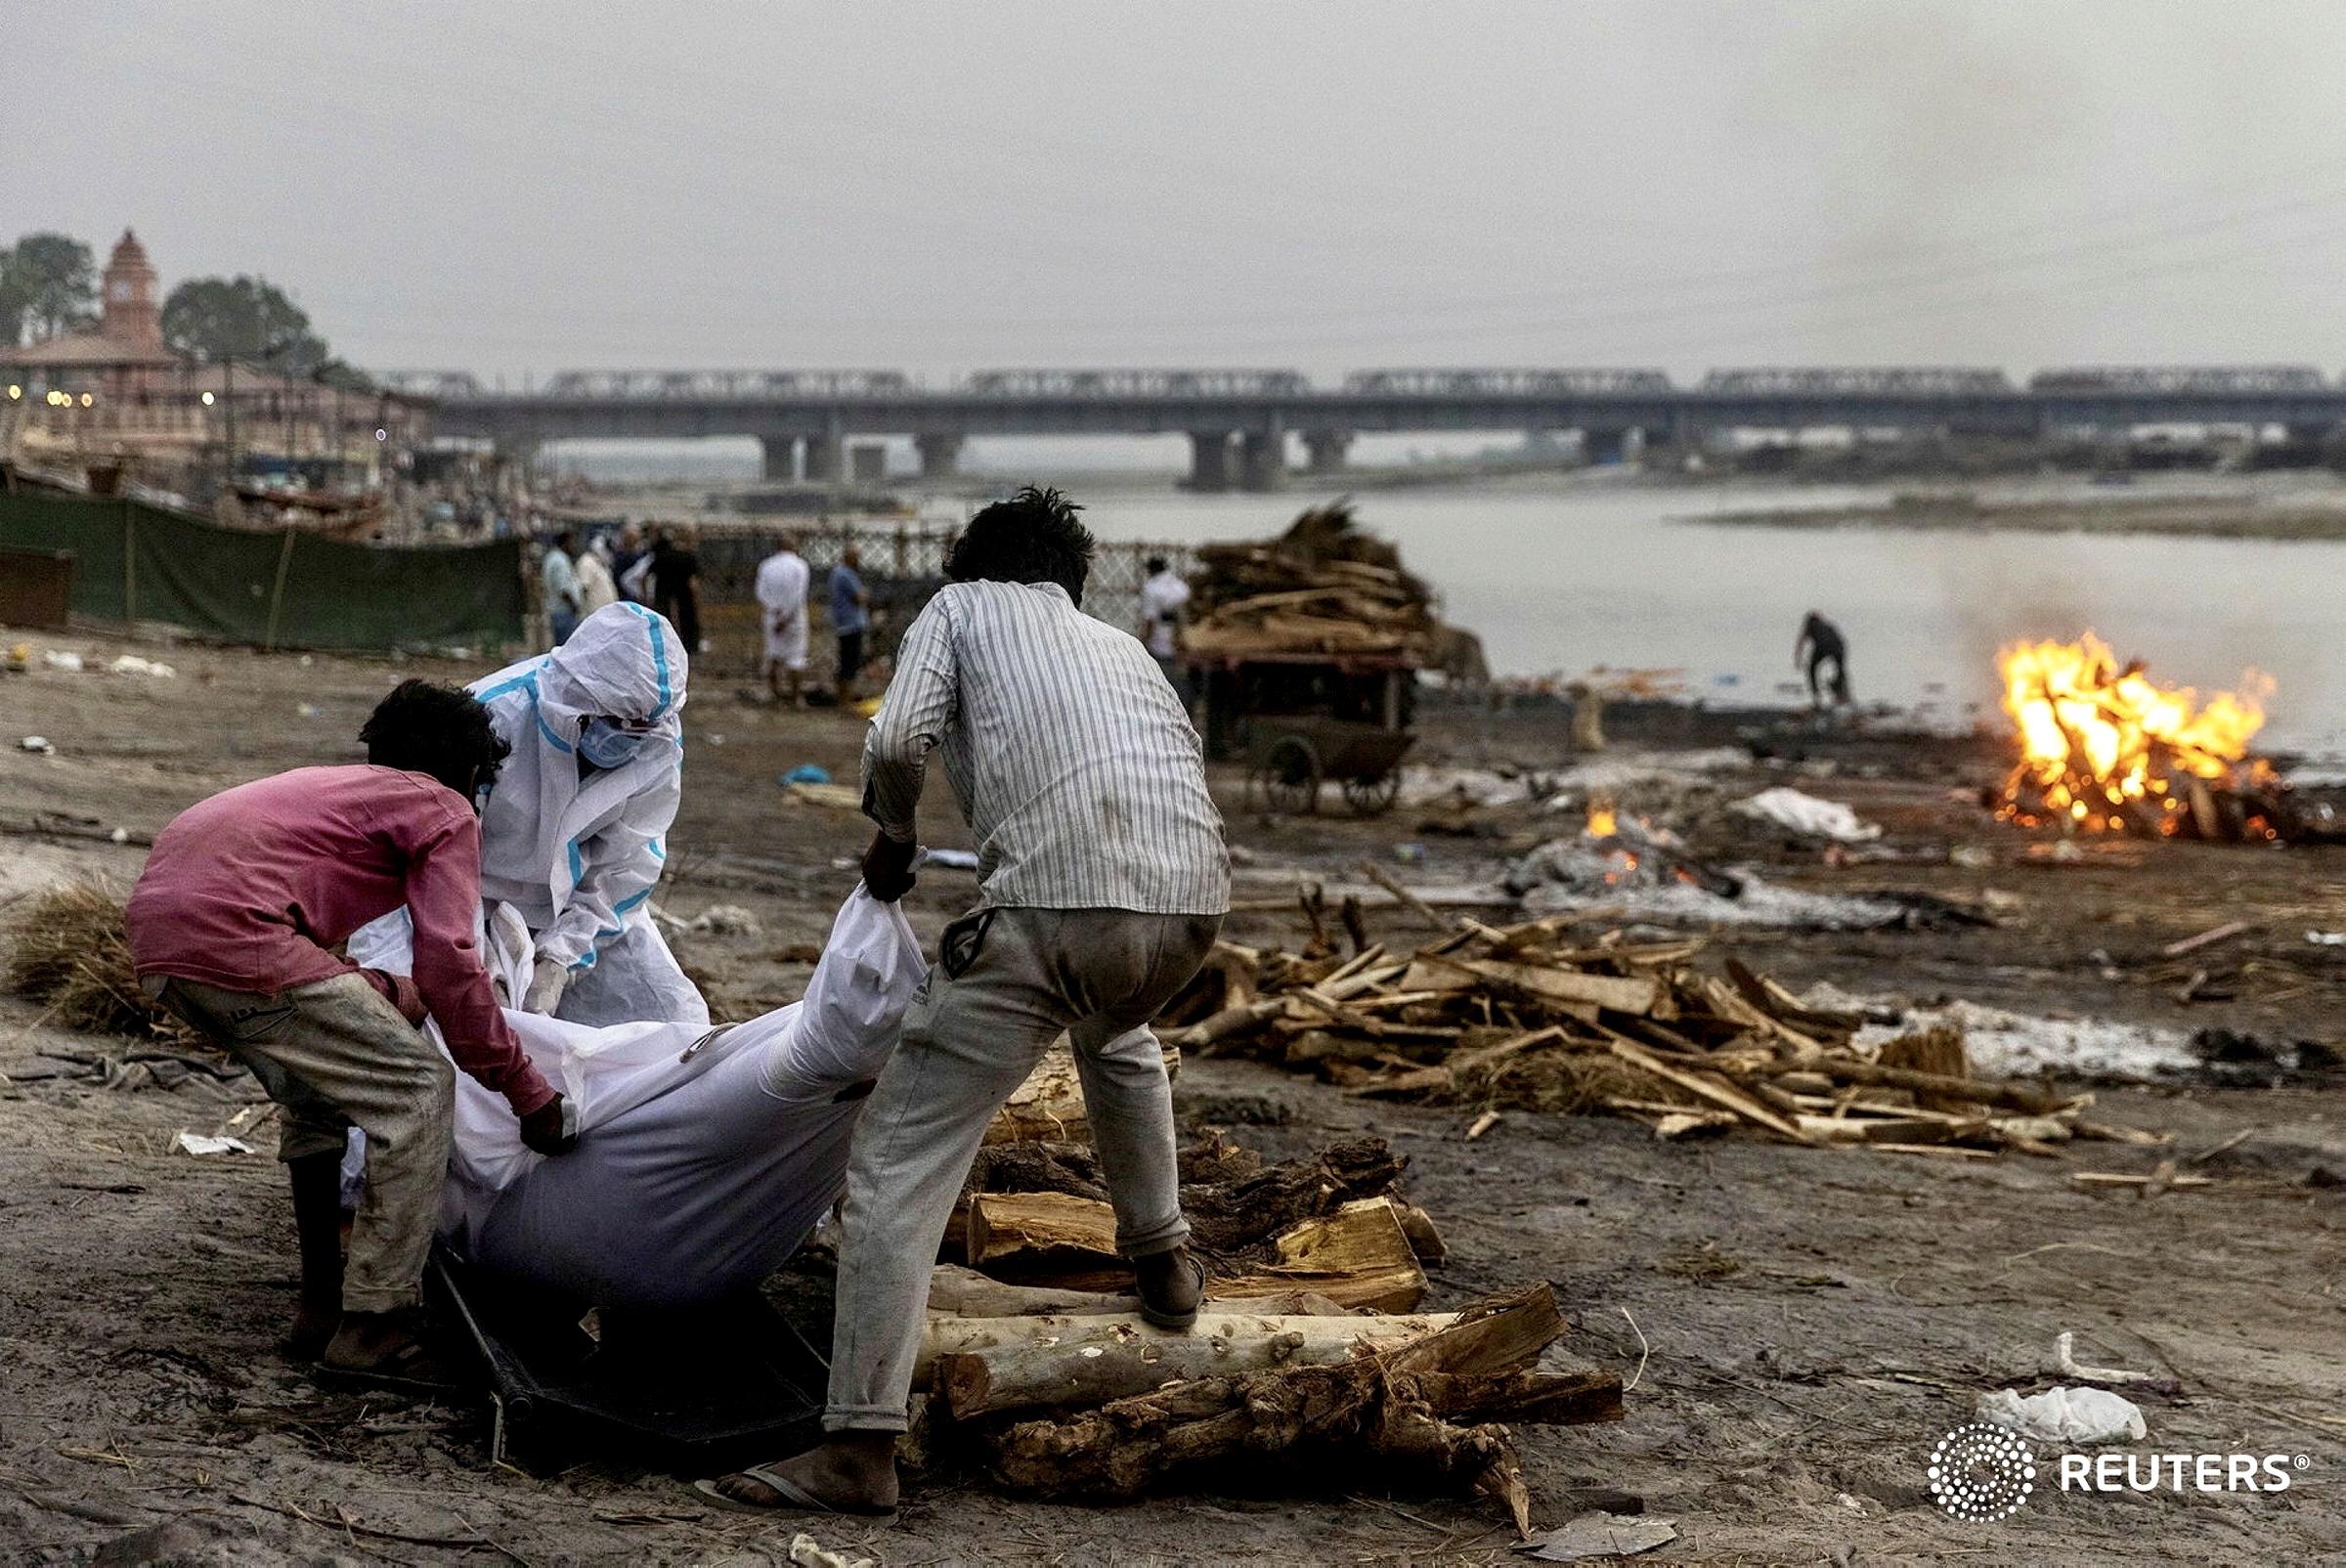 यह तस्वीर यूपी में गंगा नदी के किनारे की है। कोरोना की दूसरी लहर के दौरान जब दानिश की खींची ये तस्वीर जब सामने आई तो लोग भारत के भयावह हालात से वाकिफ हुए। (फोटो- रॉयटर्स)